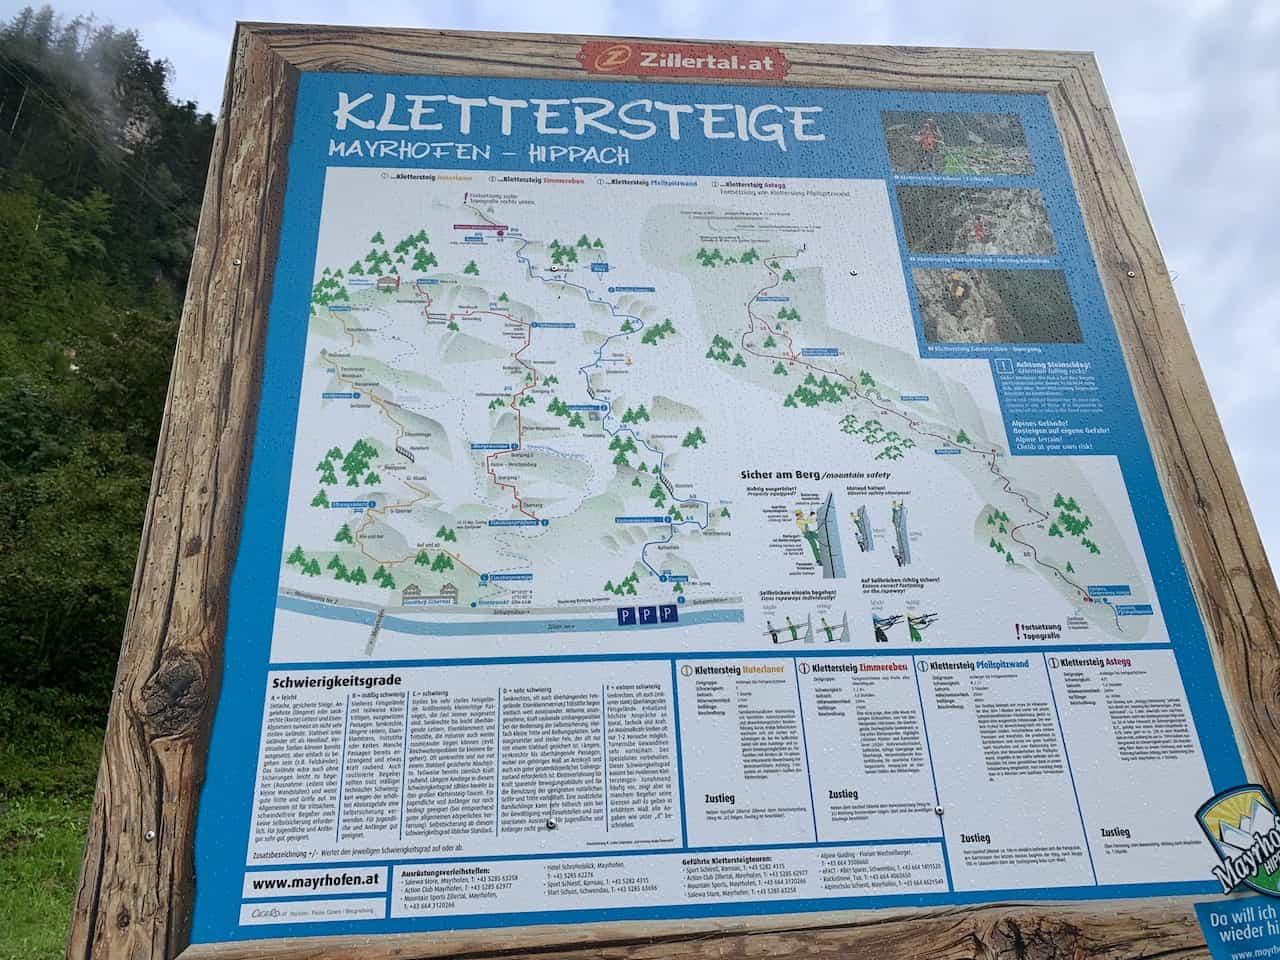 Mayrhofen Klettersteig Routes